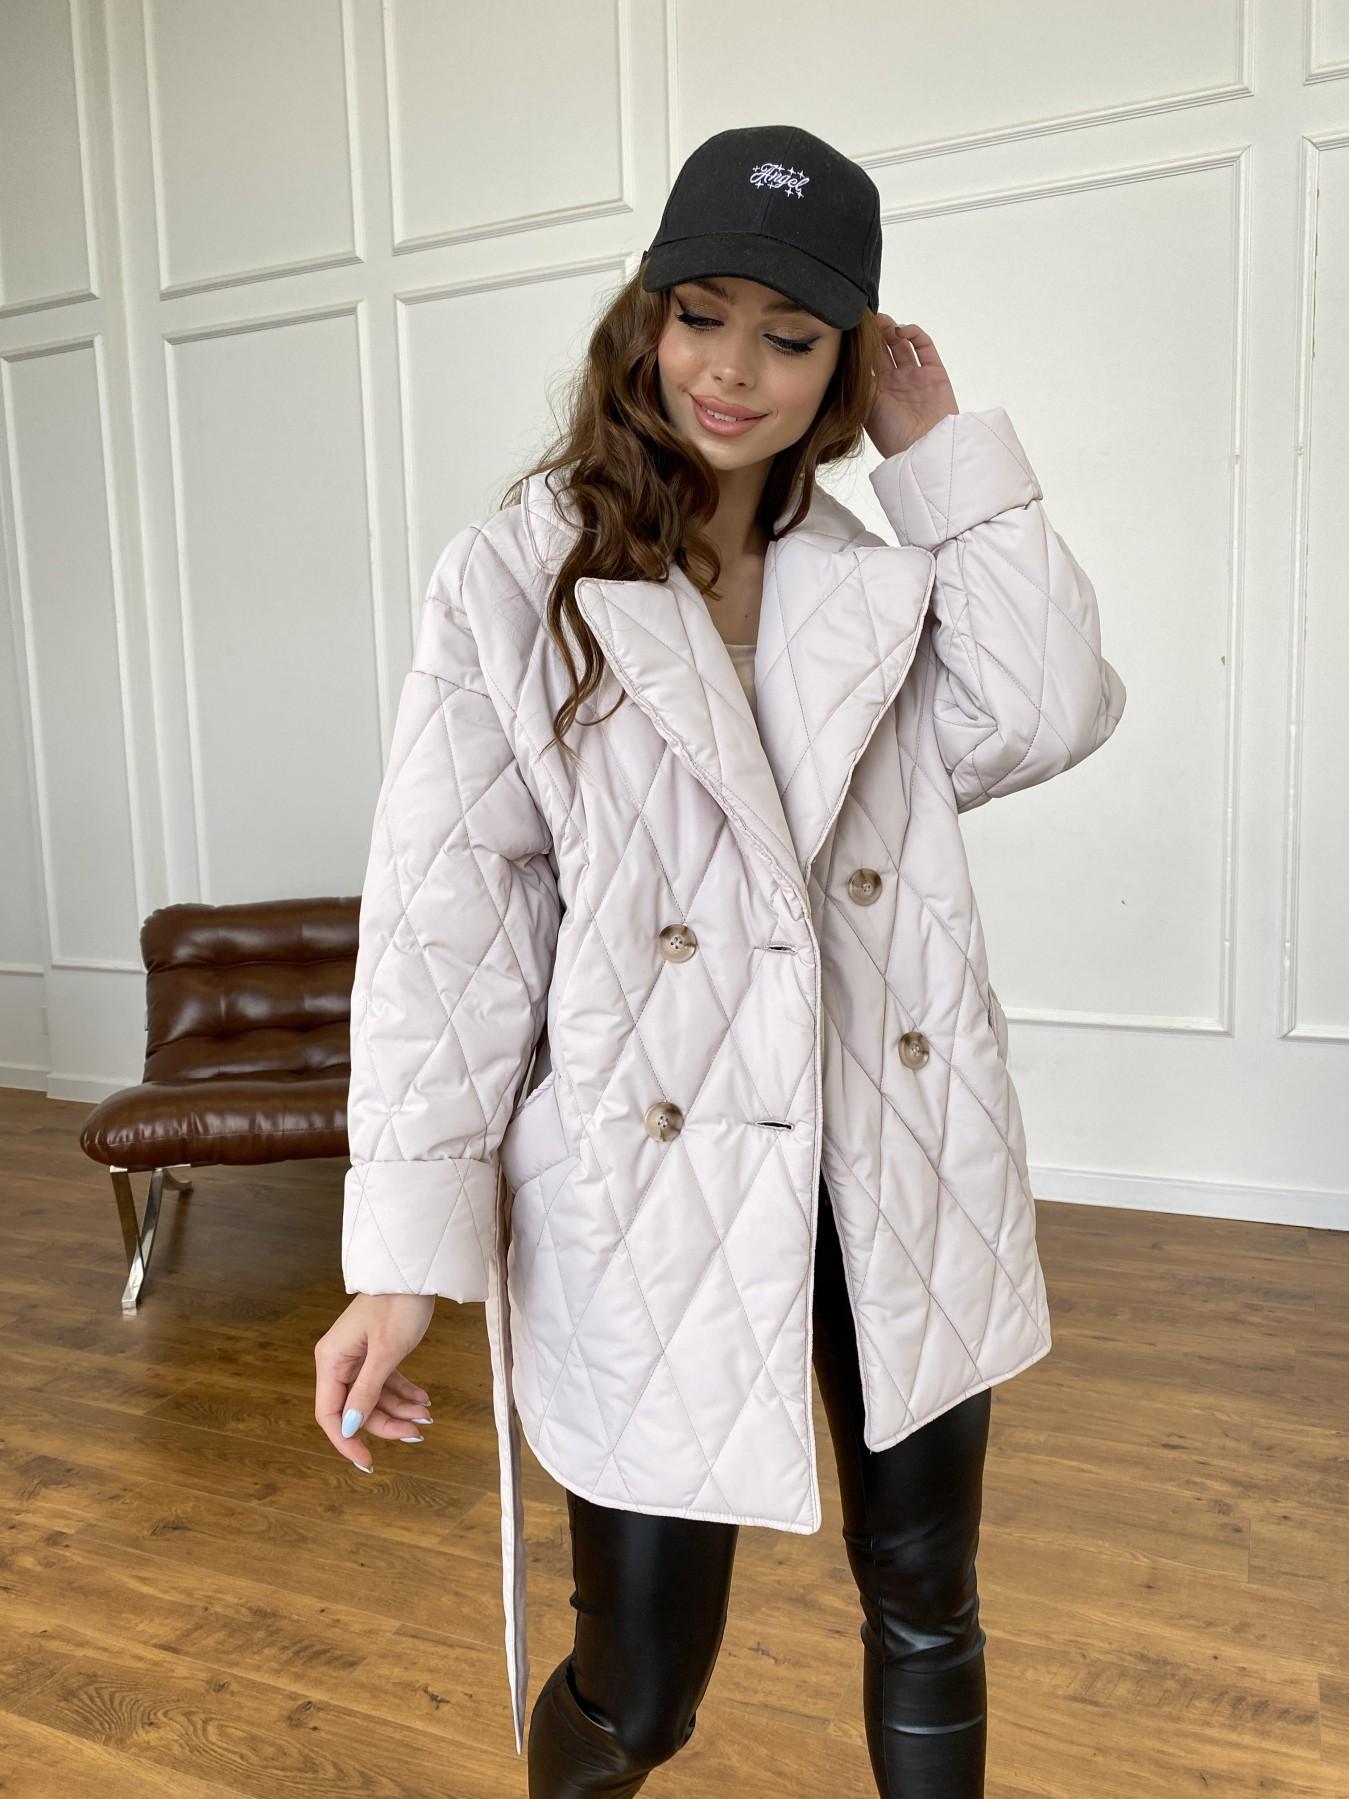 Норд куртка из плащевой ткани стеганая 10883 АРТ. 47551 Цвет: Бежевый 970 - фото 13, интернет магазин tm-modus.ru